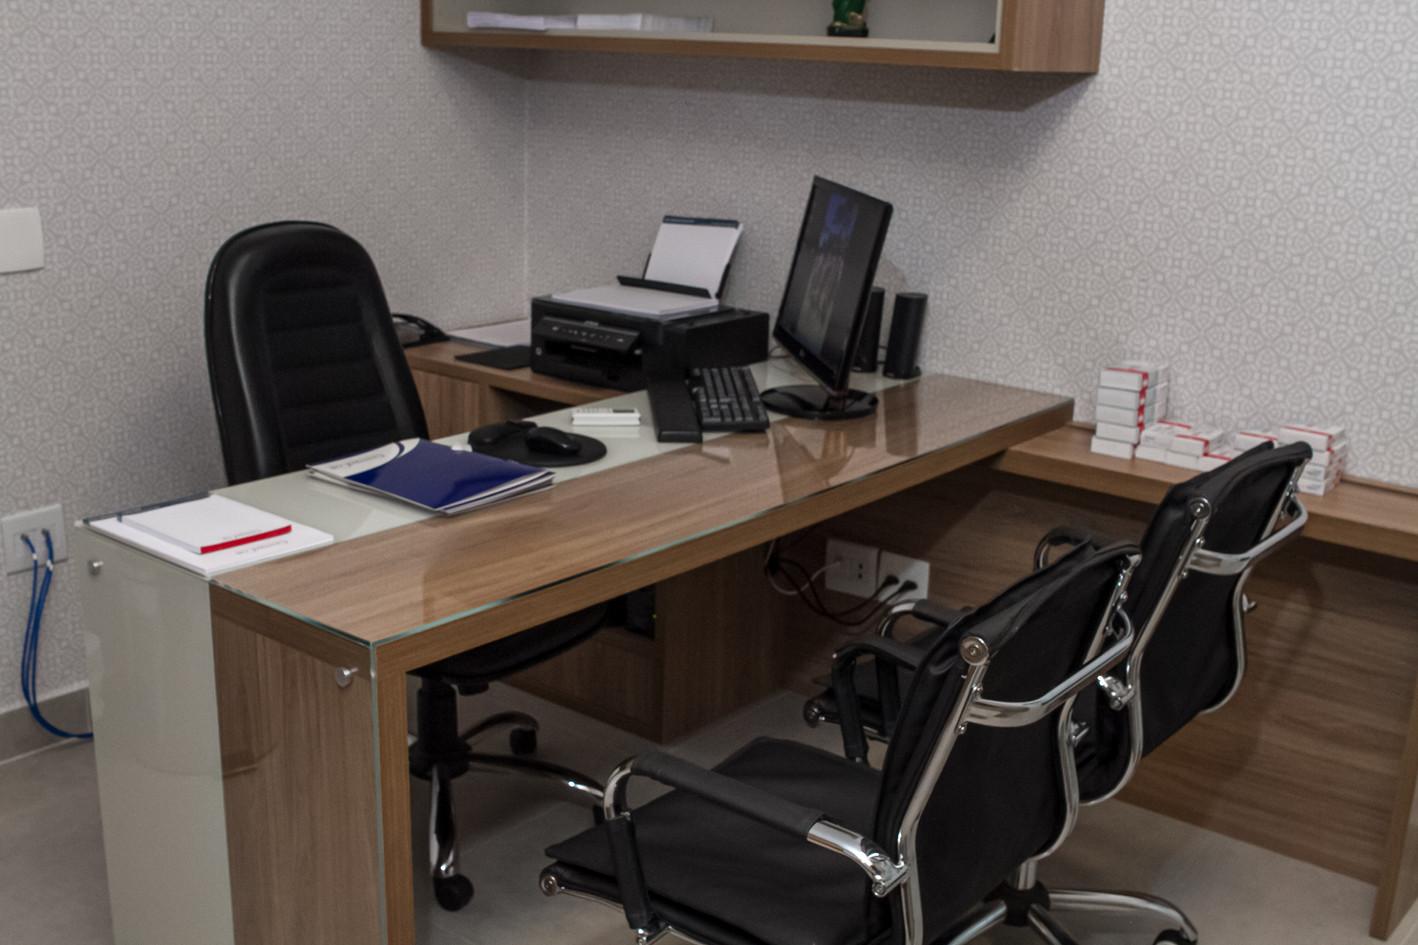 0019-CentroCor-Clinica-15052019-foto-sil